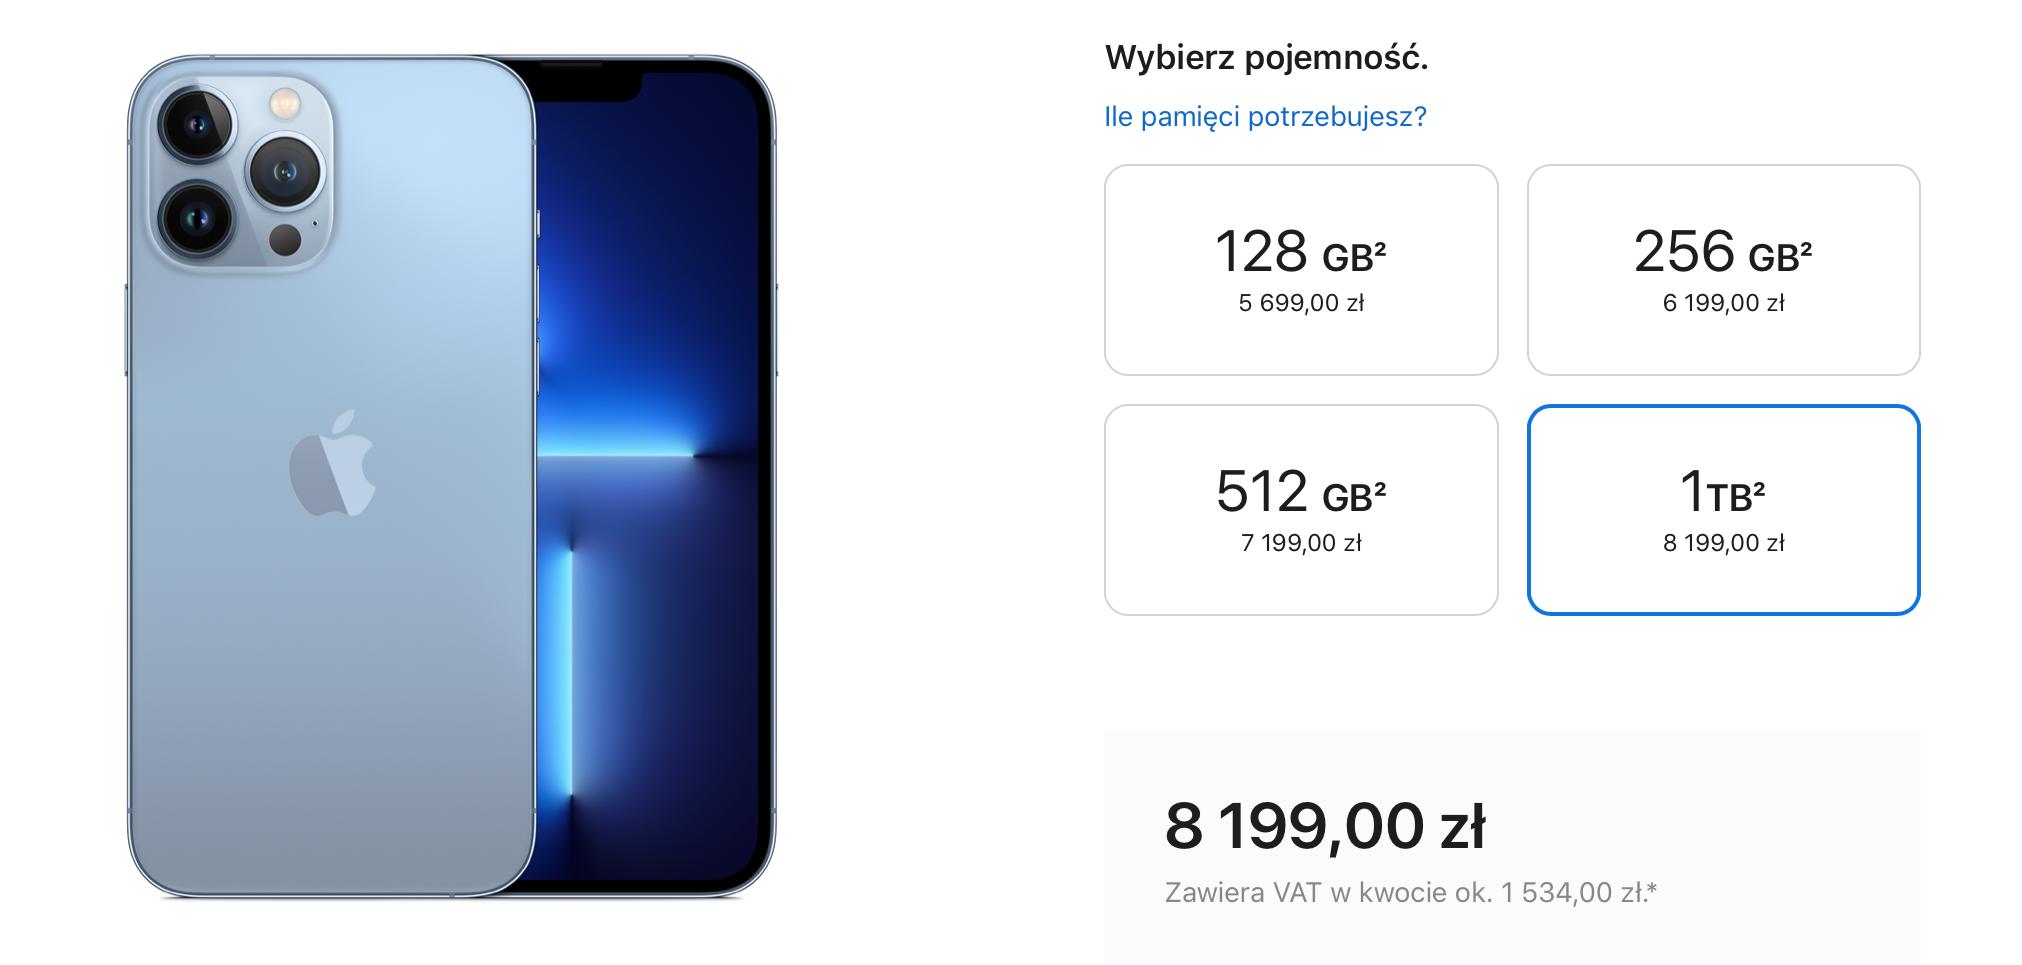 iPhone 13 pro max-1 TB-cena